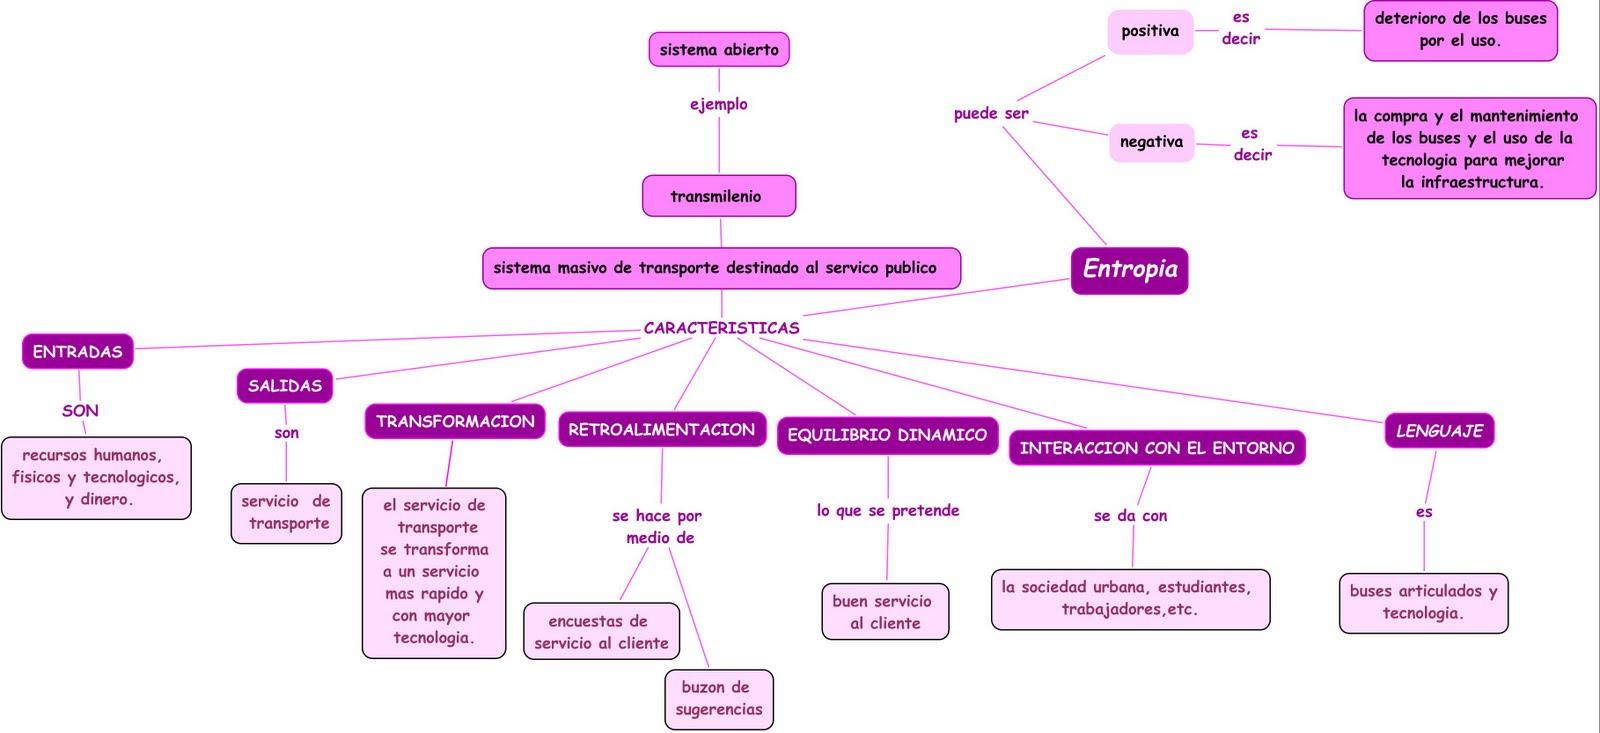 Características básicas de un sistema abierto